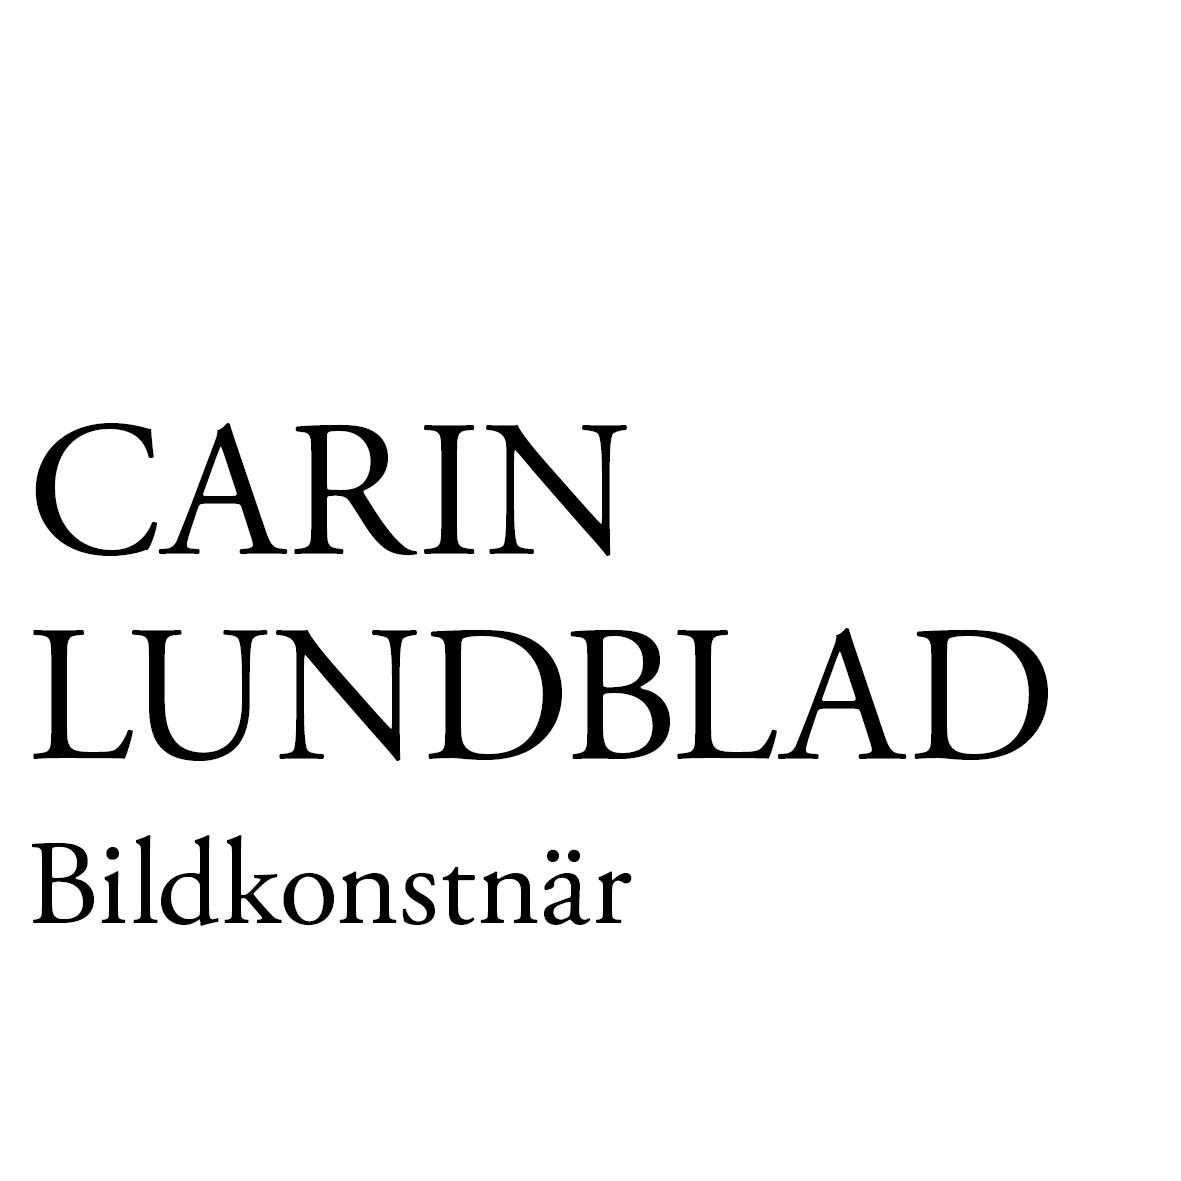 Bildkonstnär Carin Lundblad